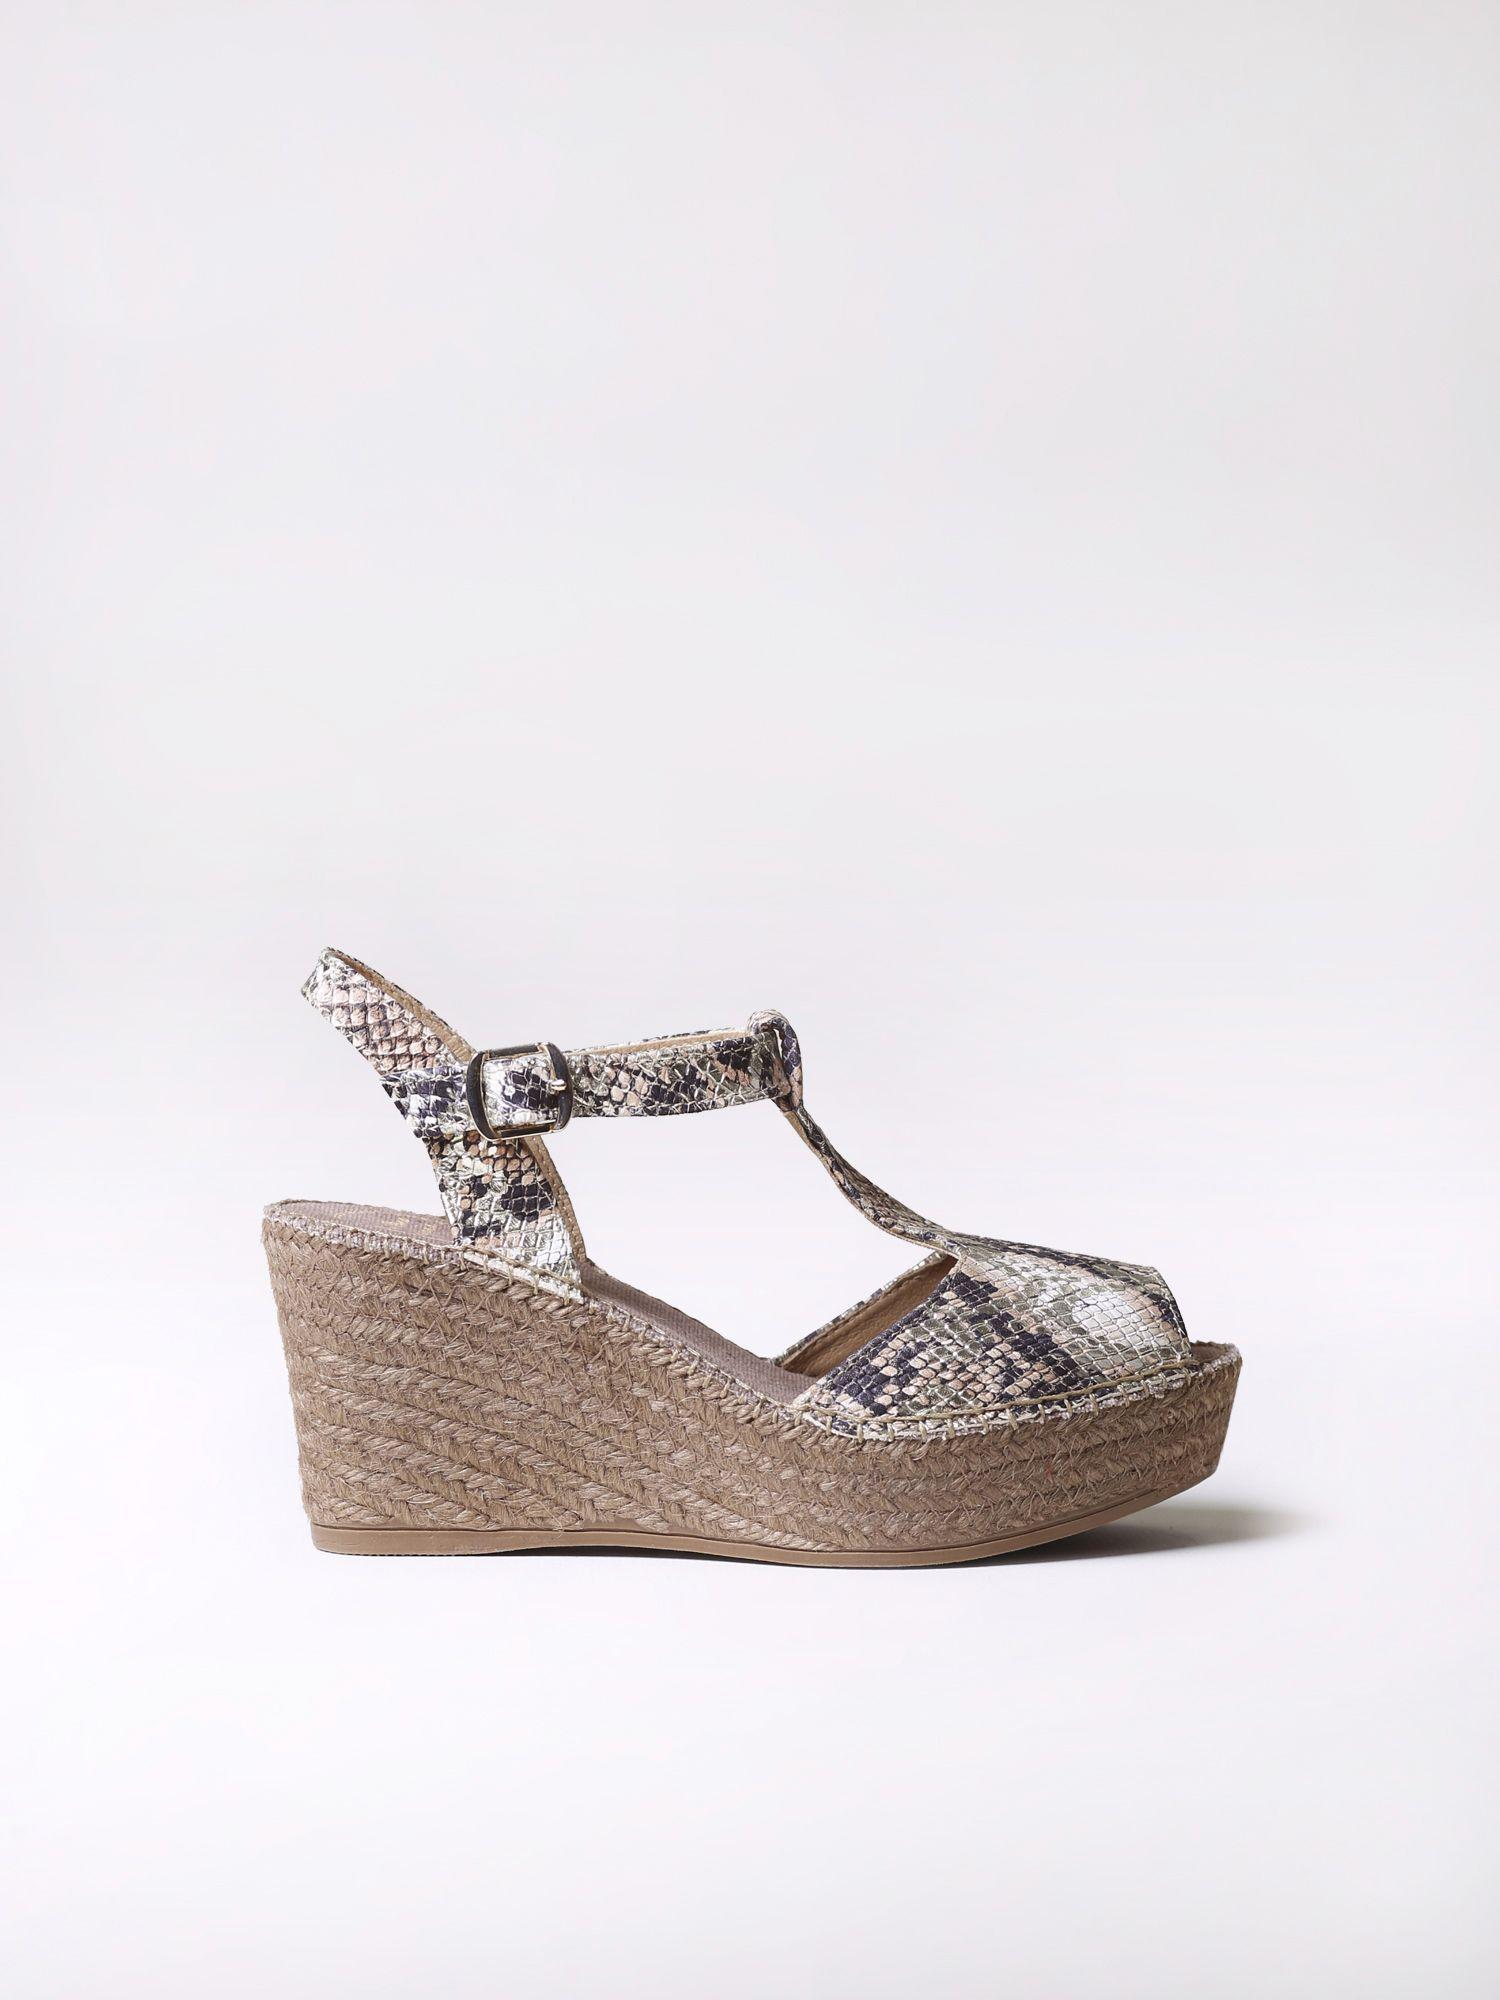 Mid heel sandals - LIDIA-MK